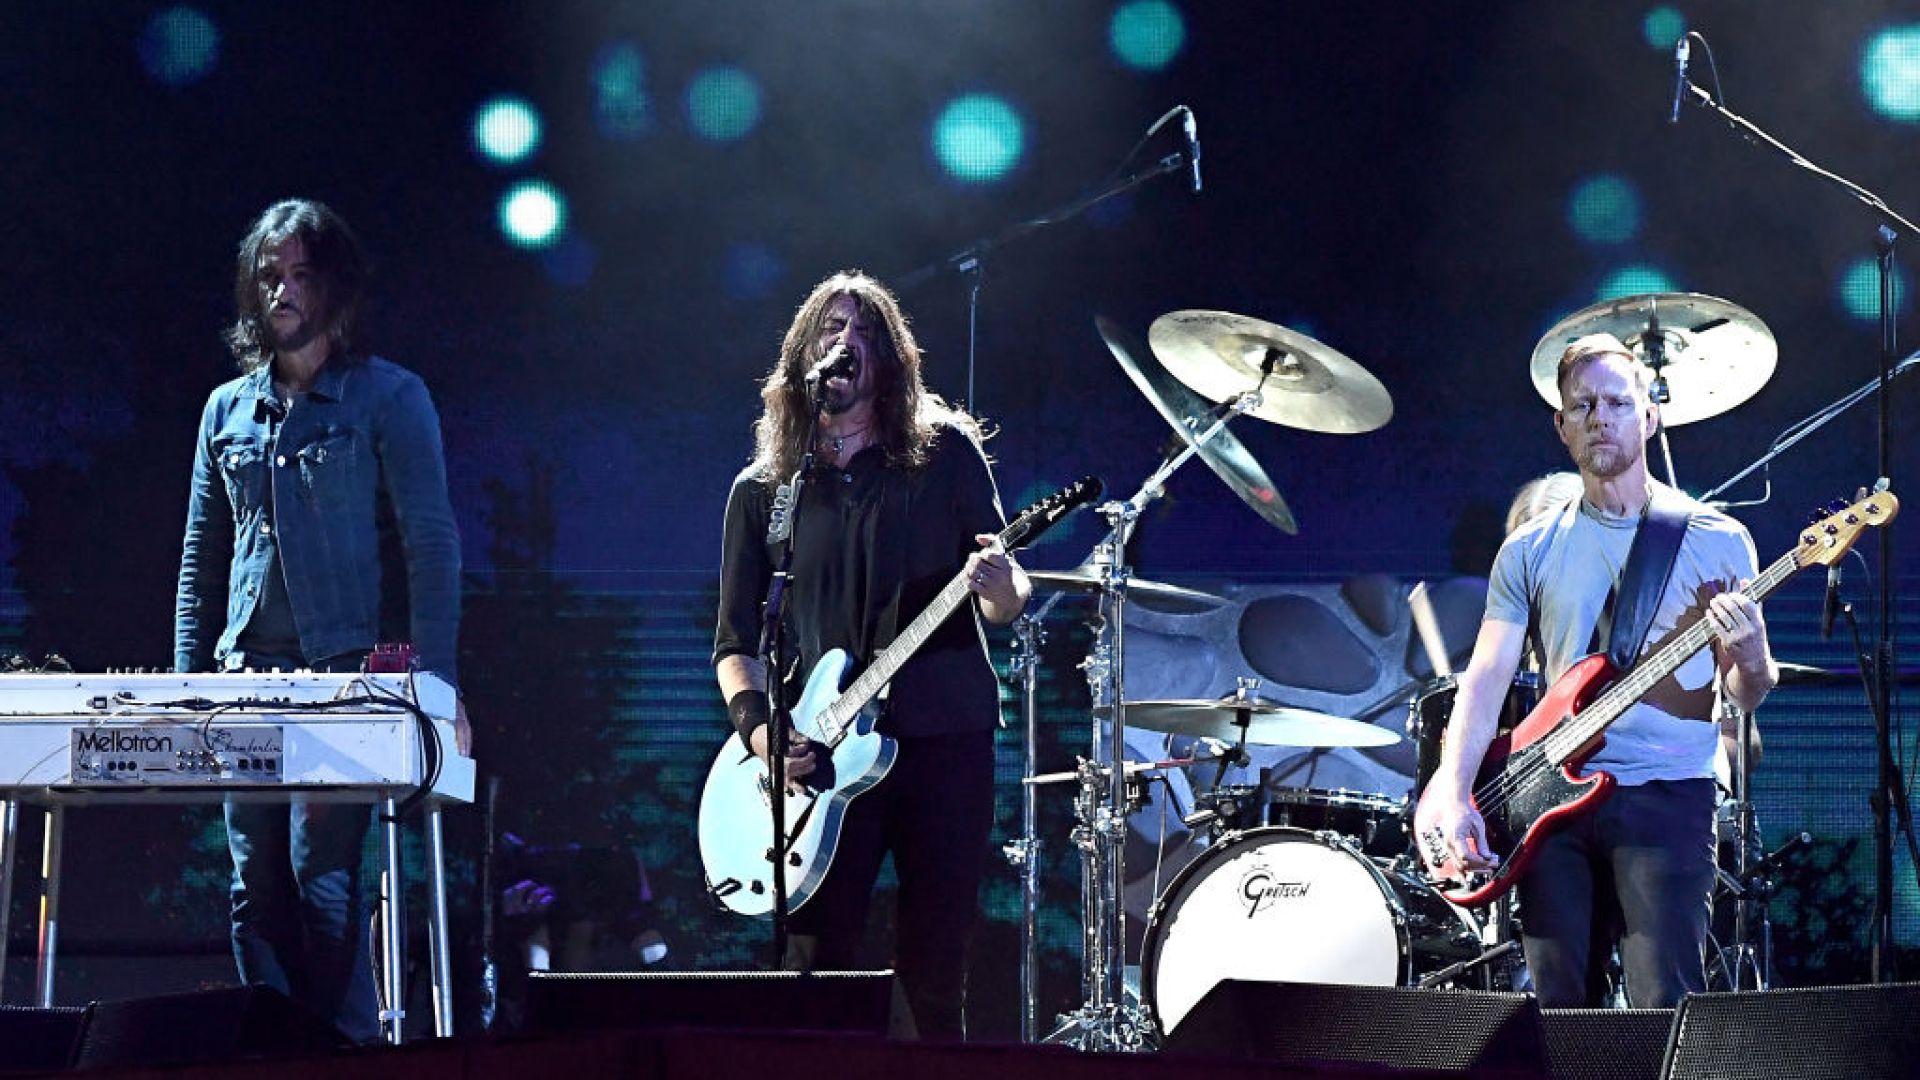 Foo Fighters, Лизо и Тайлър дъ Криейтър ще бъдат хедлайнери на фестивала Бонару